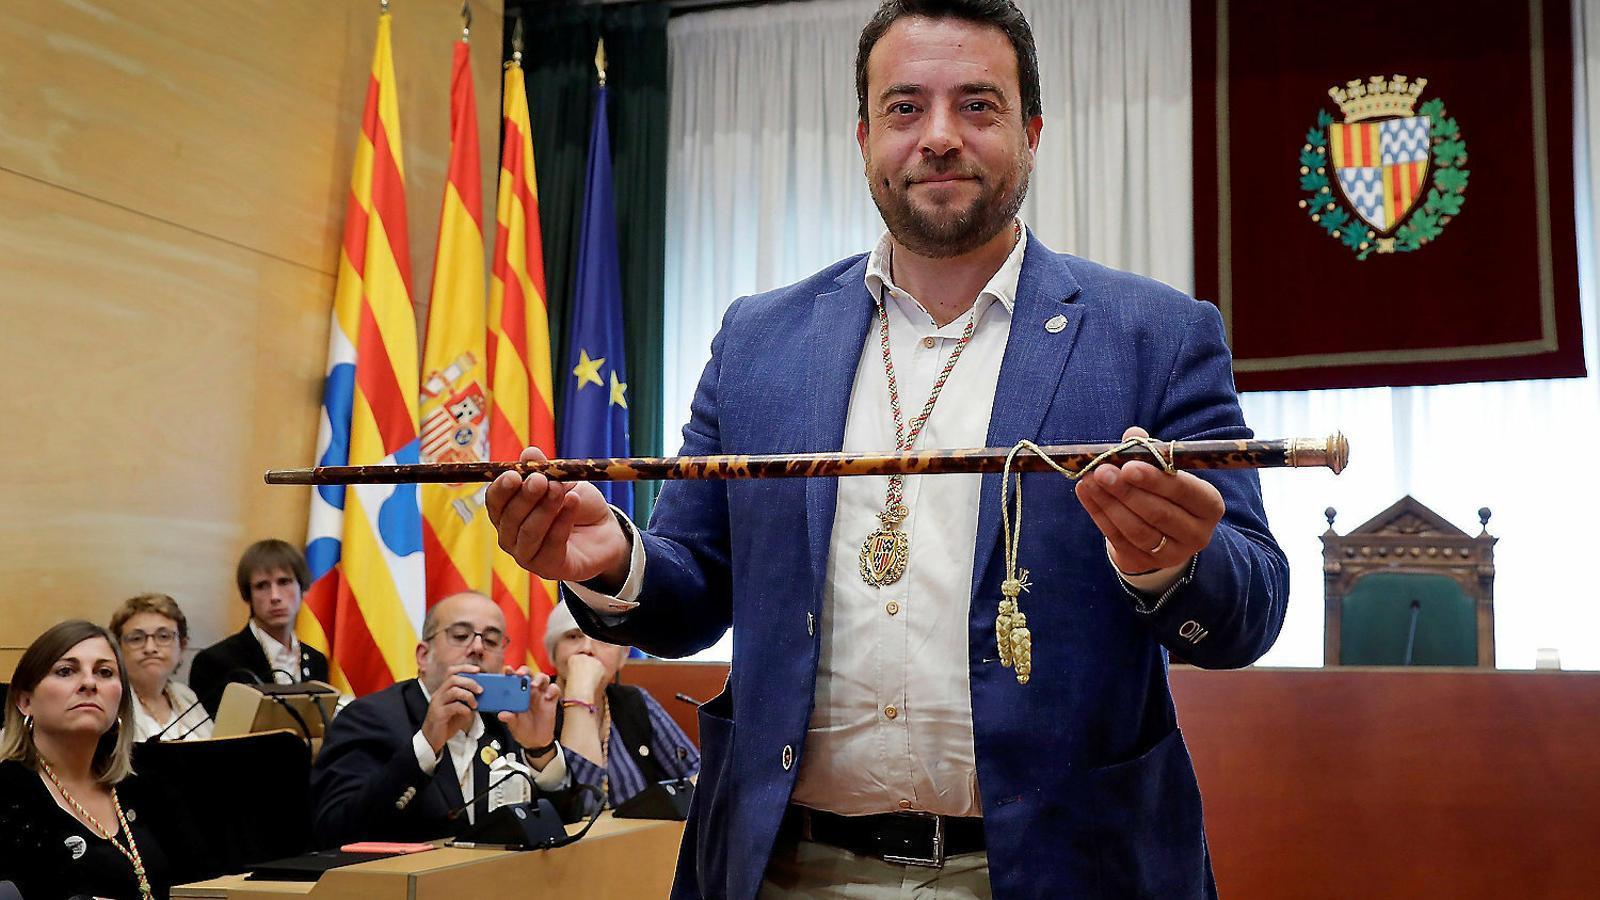 L'alcalde de Badalona, Álex Pastor, amb la vara que simbolitza el poder municipal.